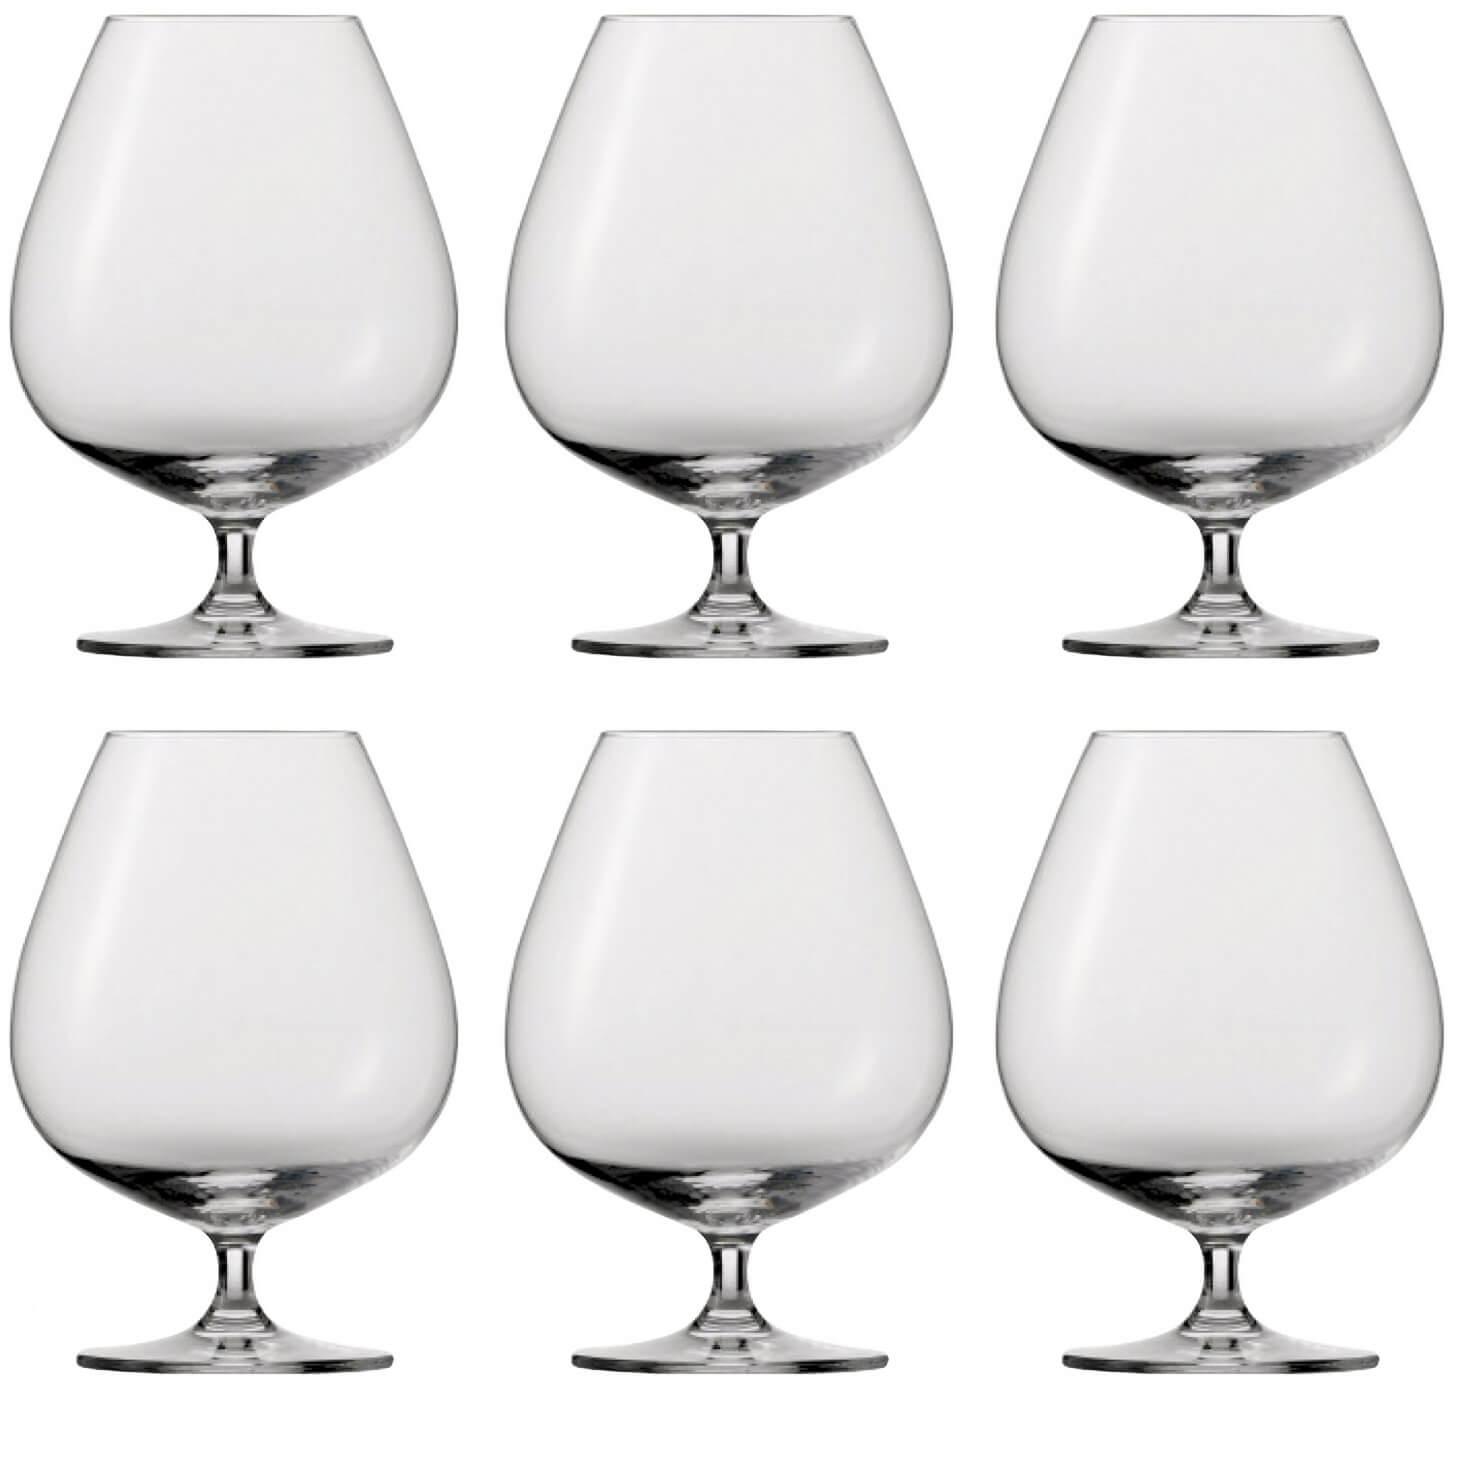 Онлайн каталог PROMENU: Набор бокалов для коньяка Schott Zwiesel BAR SPECIAL, объем 0,884 л, прозрачный, 6 штук                               111946_6шт